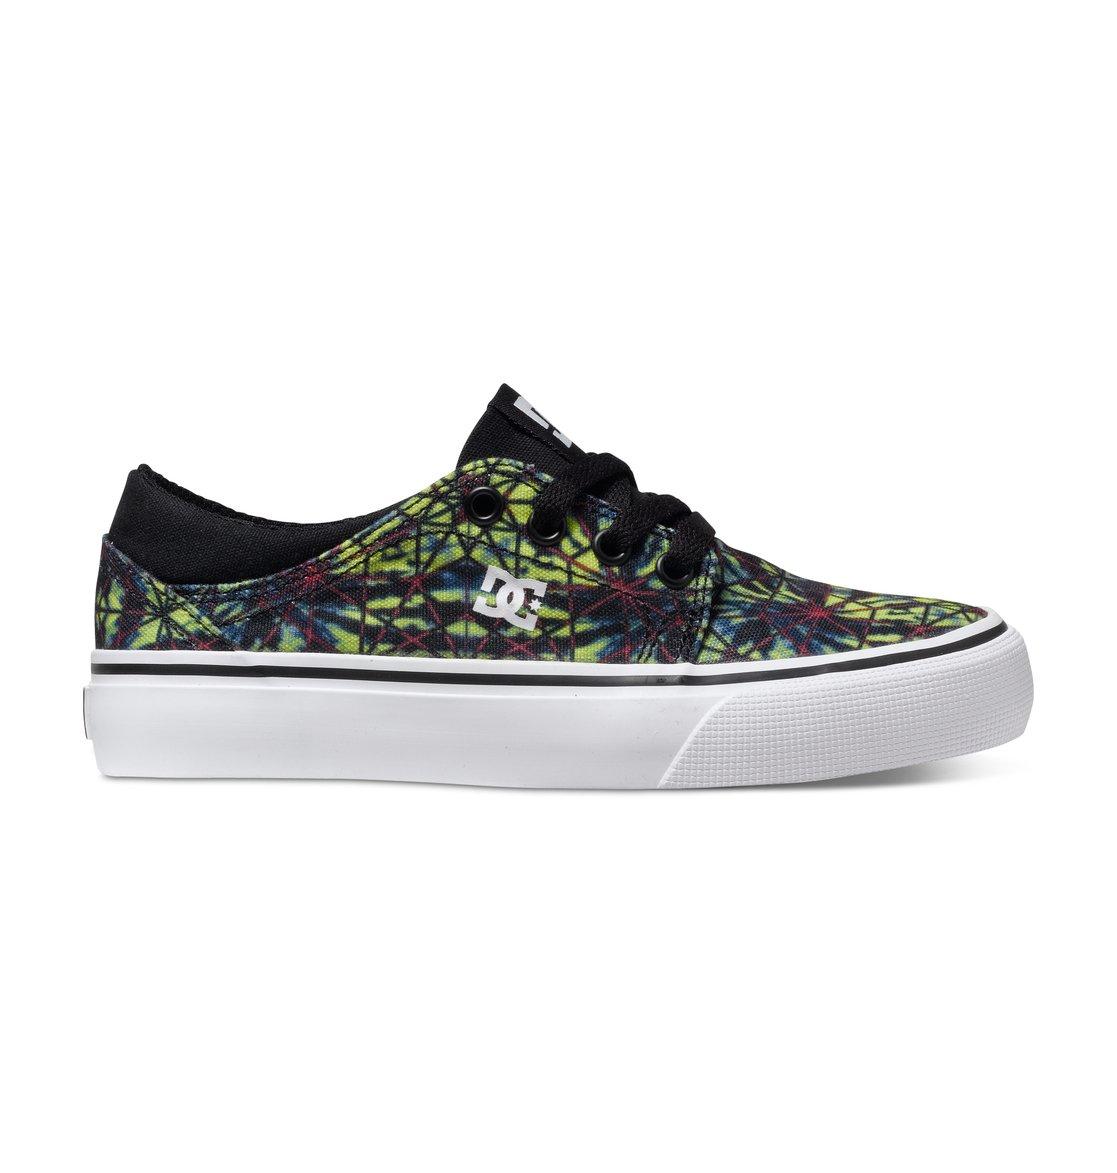 DC Shoes Trase SP - Shoes - Baskets - Garçon